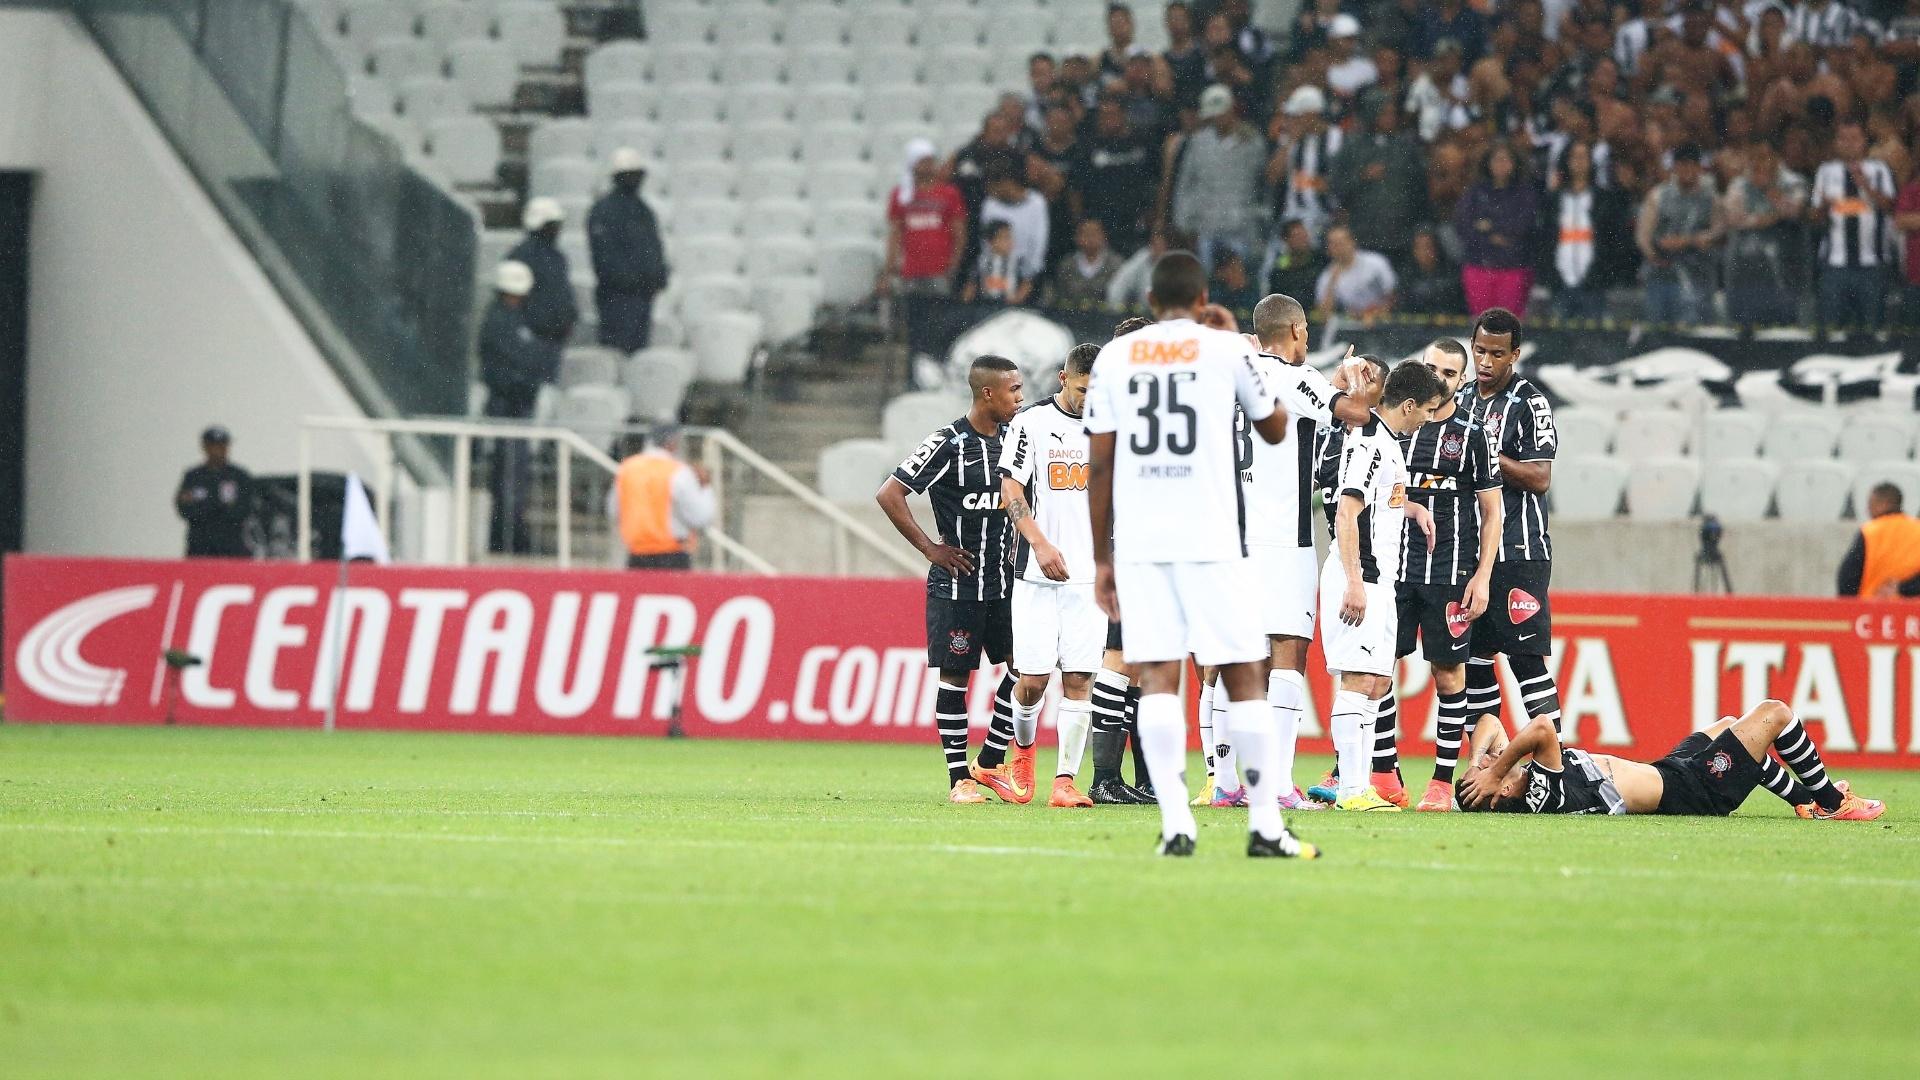 Jogadores de Corinthians e Atlético-MG discutem enquanto Petros fica caído no gramado do Itaquerão